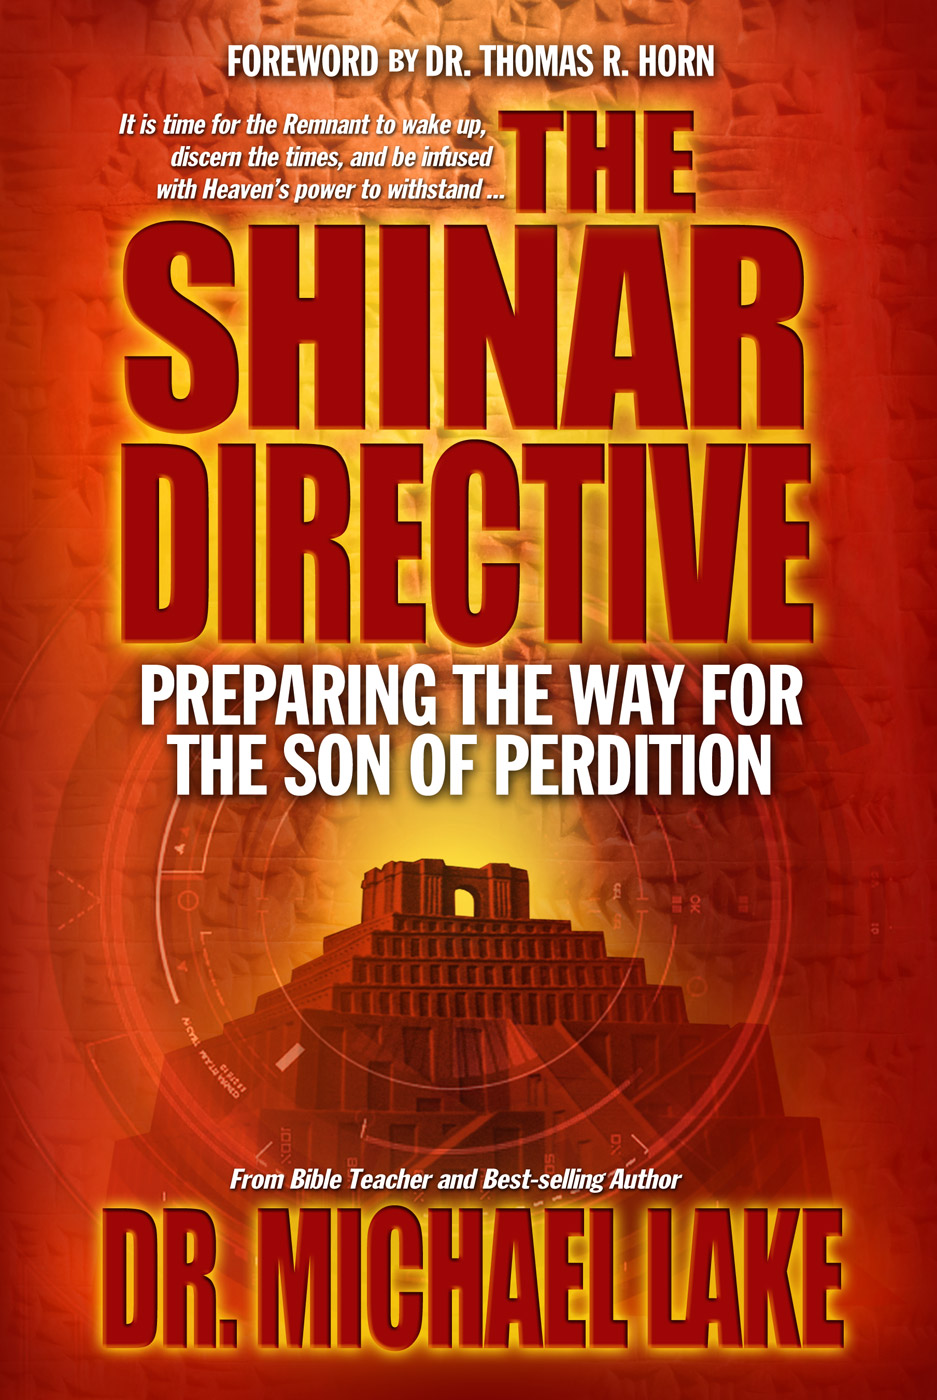 Shinar Directive Book Cover